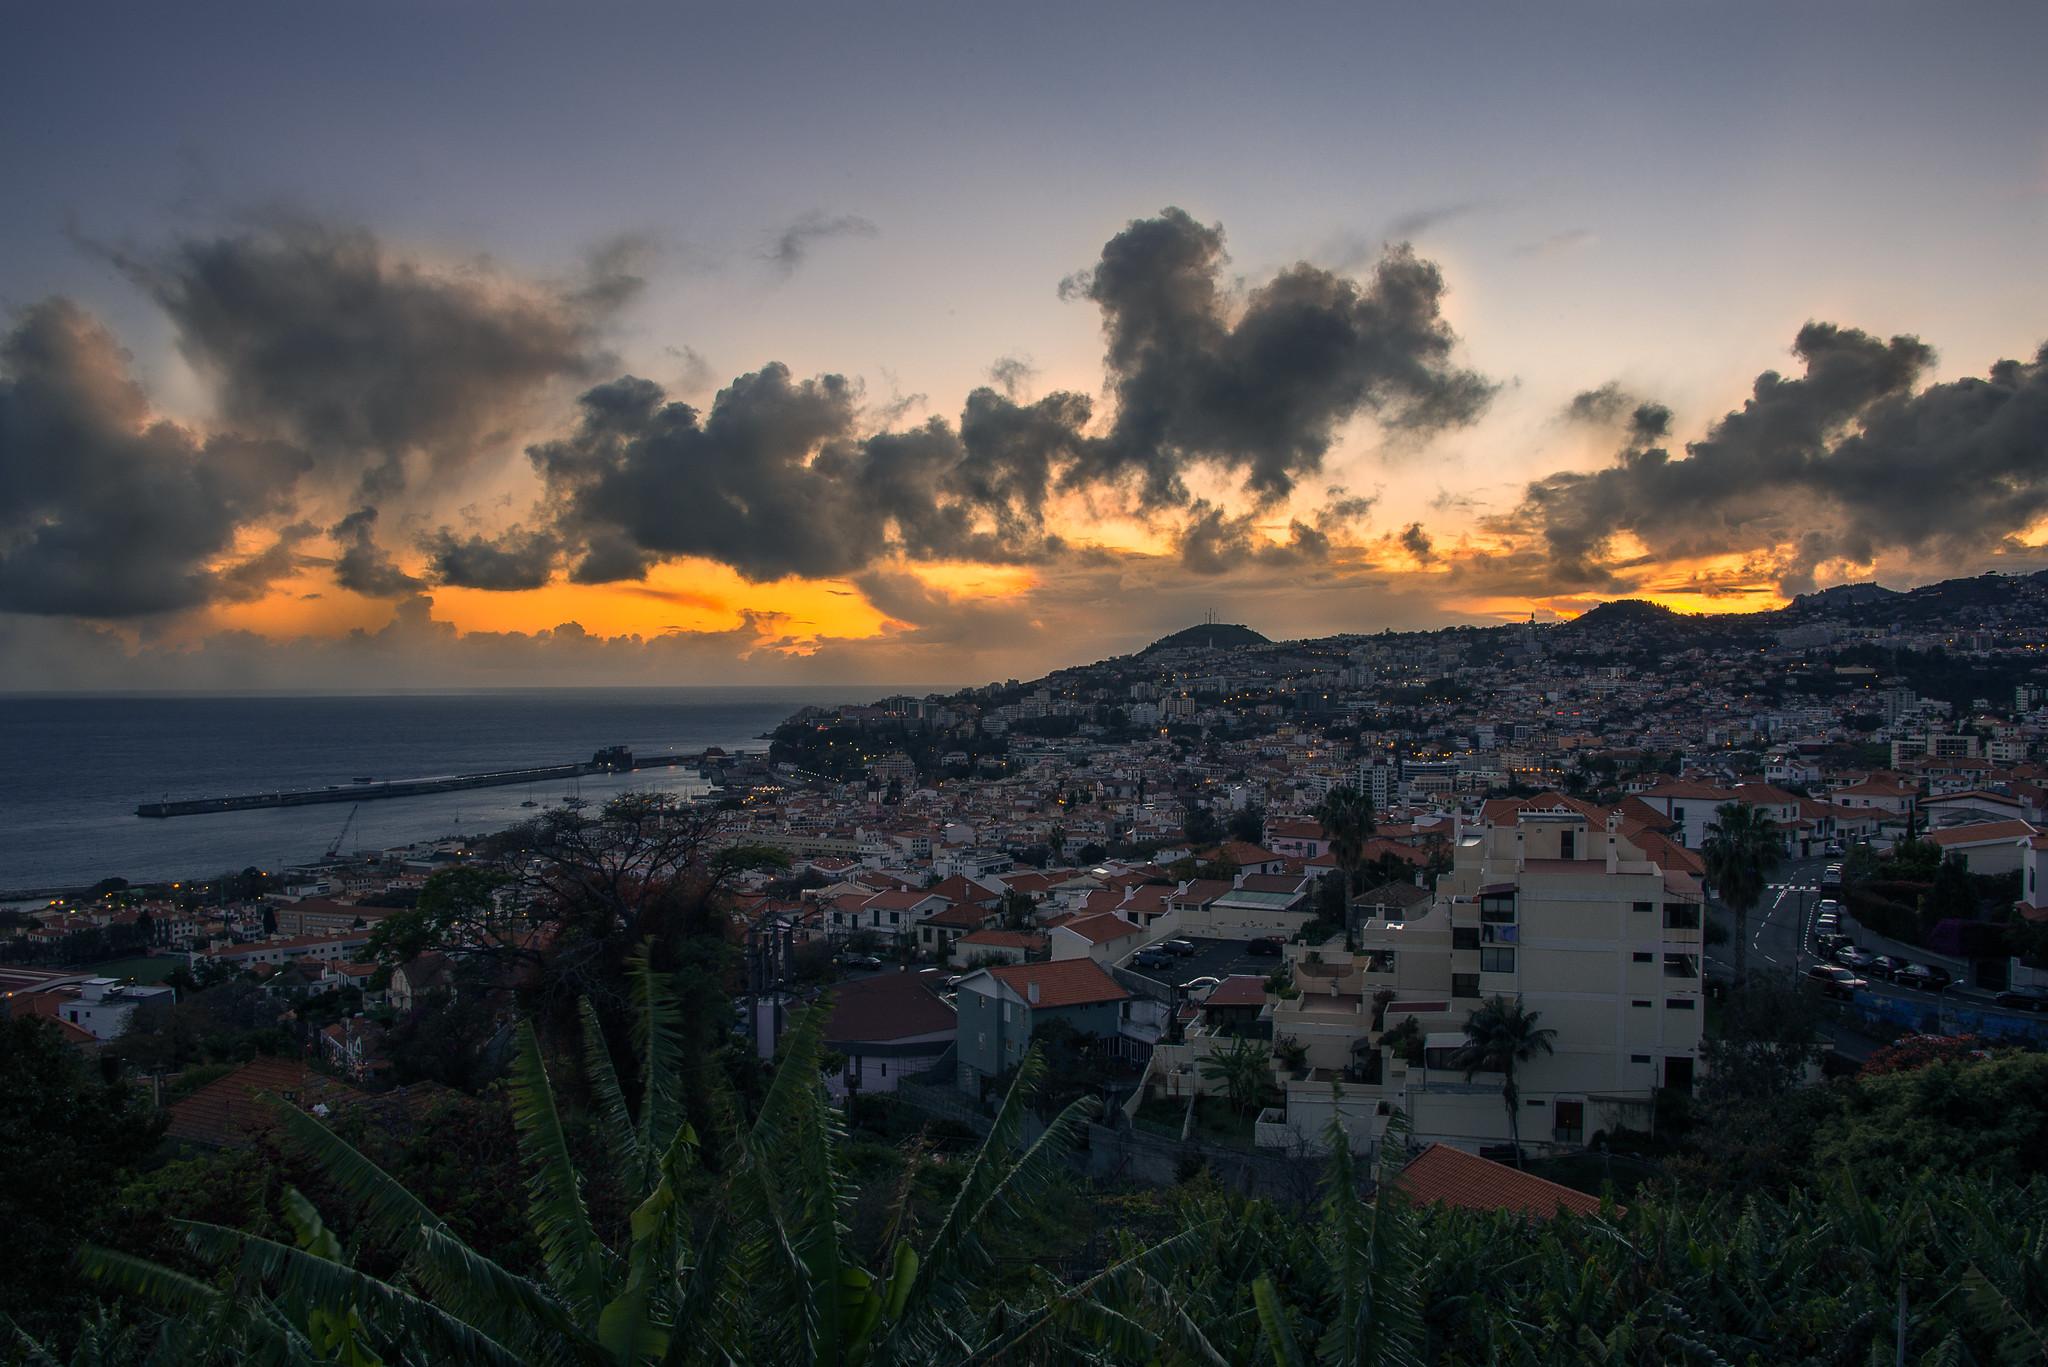 Portugal scorede atter højt ved dette års World Travel Awards – her er det Funchal, hovedbyen på Atlanterhavsøen Madeira, der vandt prisen ved WTA som Bedste ø-rejsemål. Pressefoto via Portugals Turistbureau i Danmark: Visit Madeira.